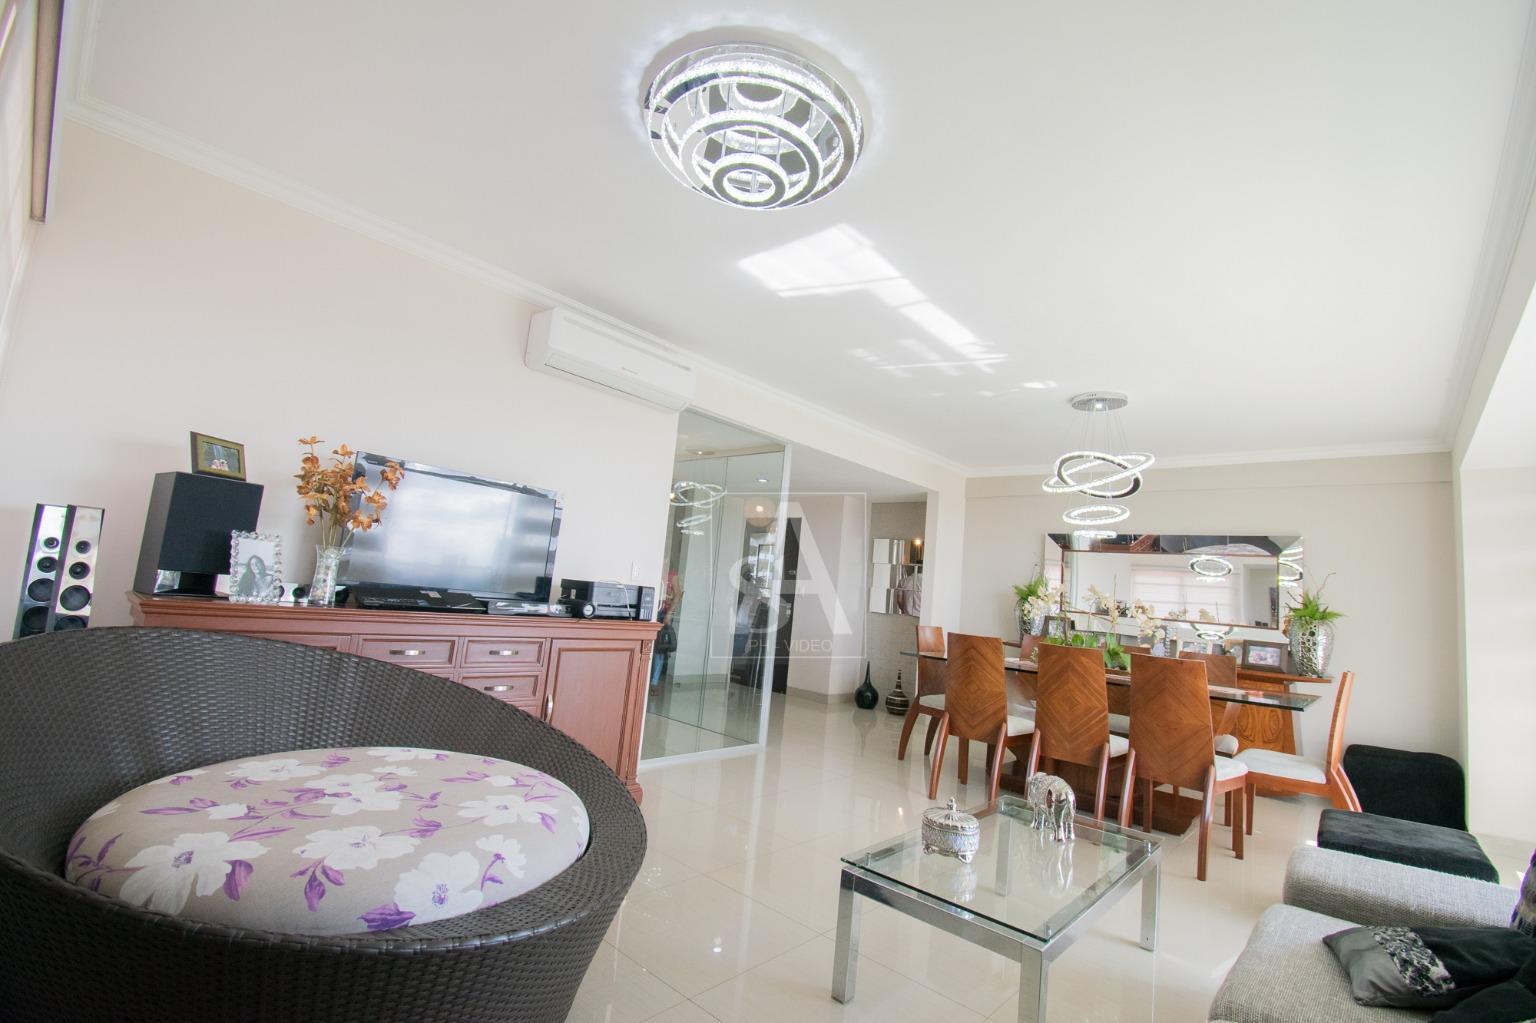 Departamento en Venta DEPARTAMENTO EN VENTA - CONDOMINIO PLAZA GUAPAY - 166.60 m². - AV. GUAPAY Foto 12